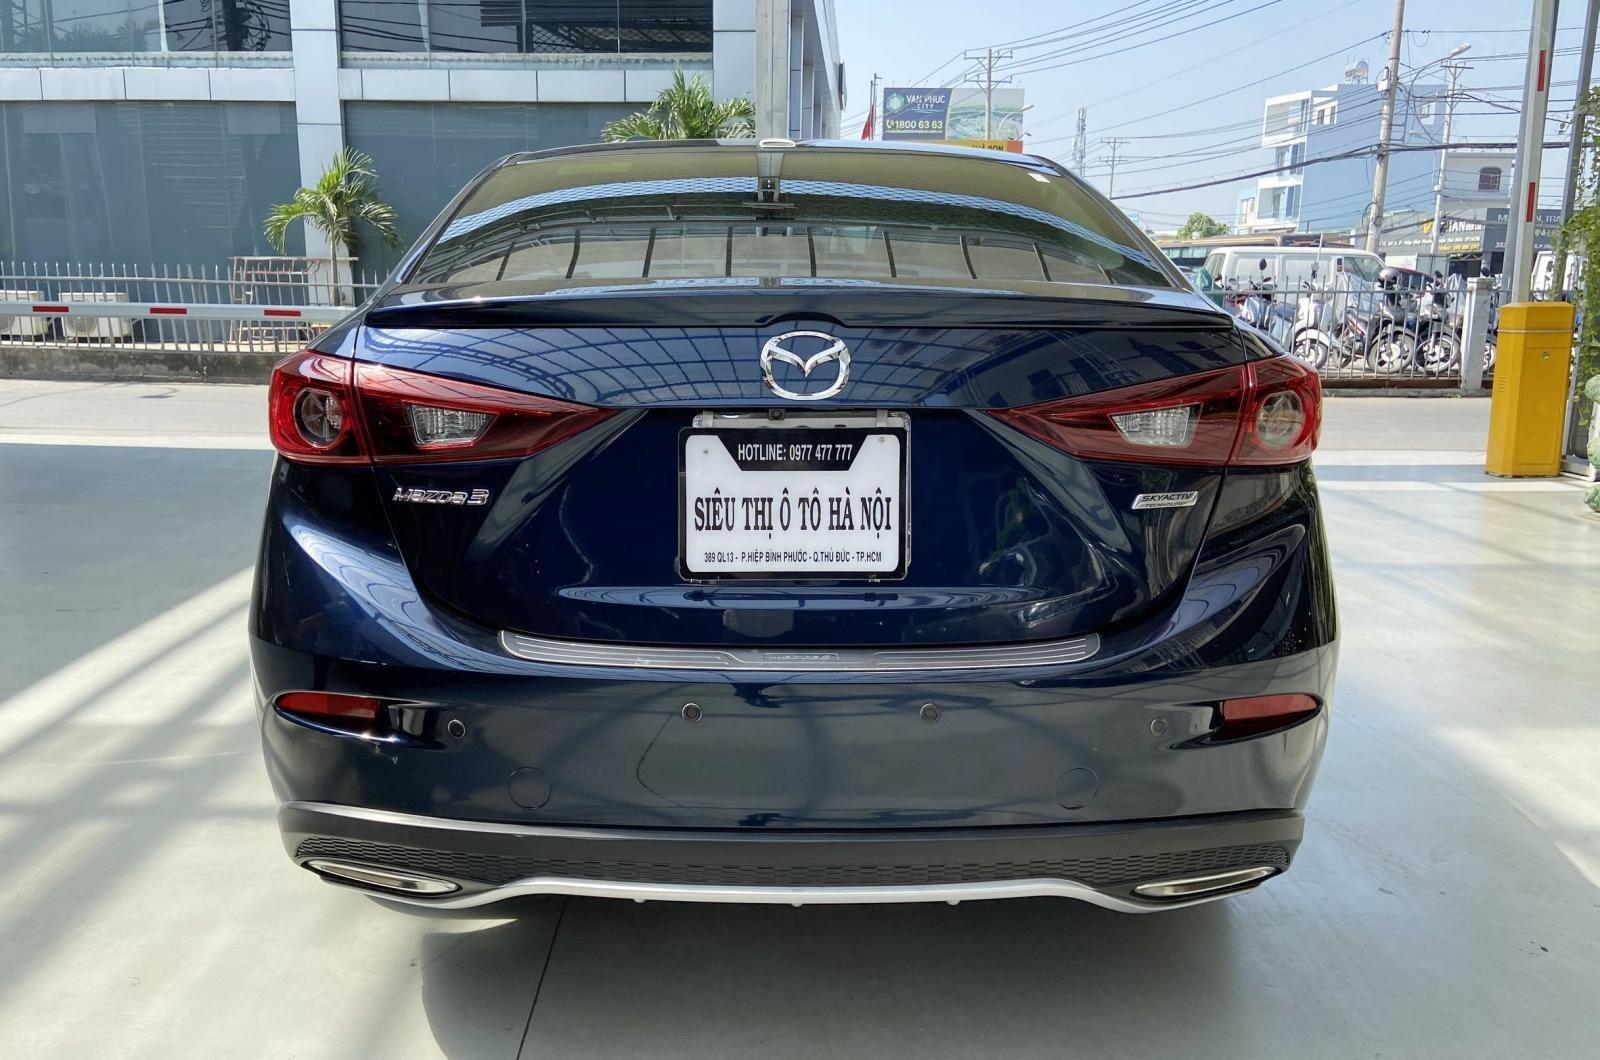 Bán Mazda 3 1.5AT 2019 có ghế điện, xe gia đình mới đi 7.000 km, zin nguyên bản 100%, như xe hãng (4)